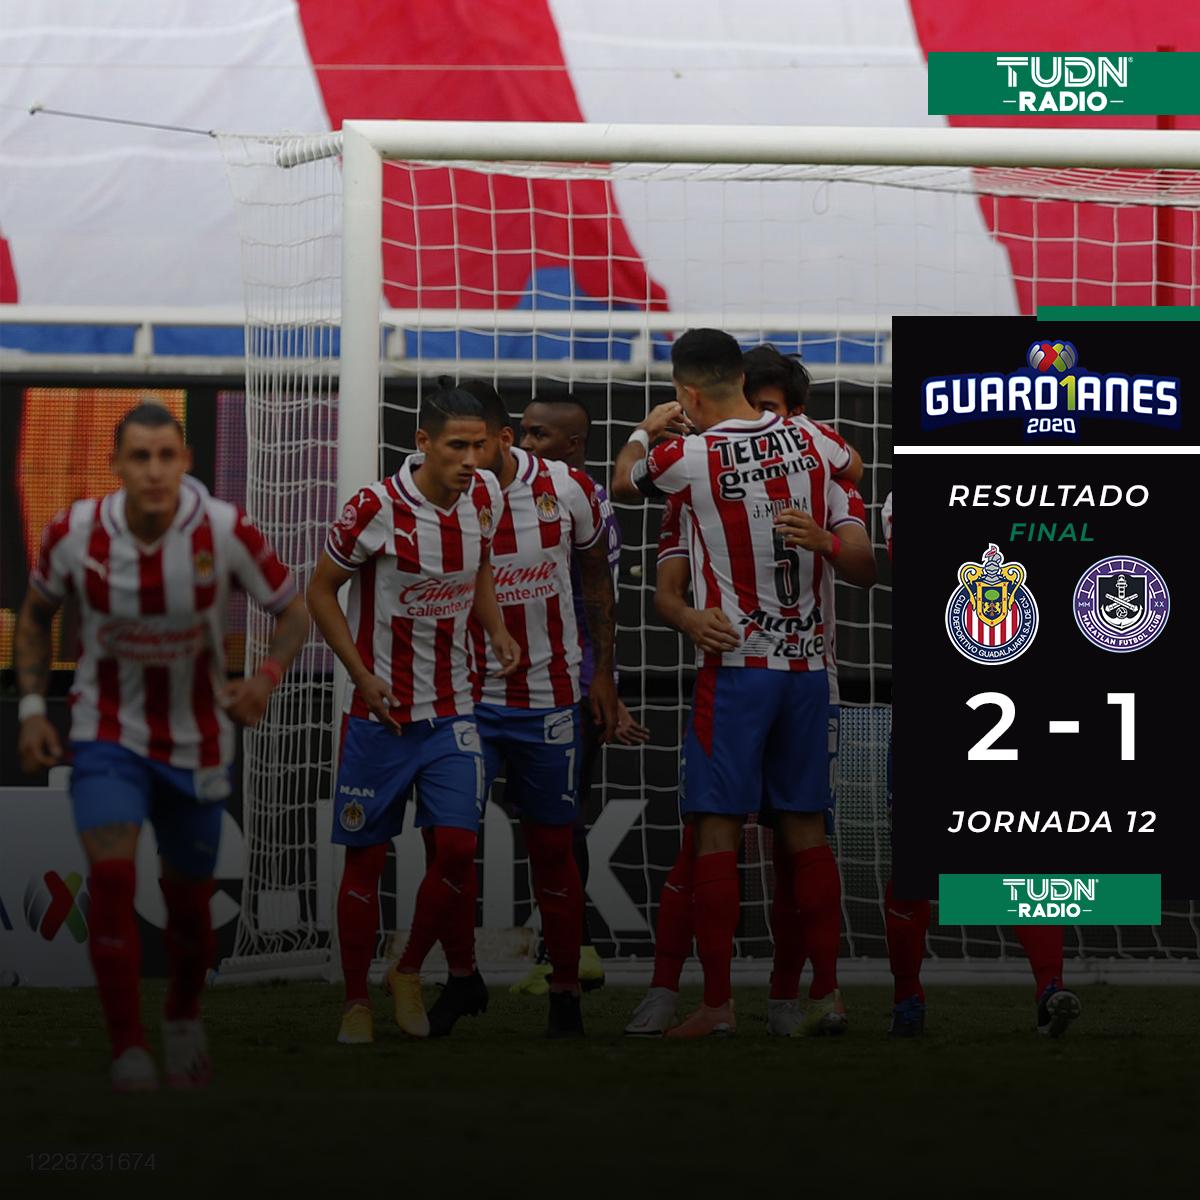 ¡GANARON LAS CHIVAS! 👏😍🐐✨🔵⚪🔴 ¡GANÓ EL EQUIPO MÁS QUERIDO DE MÉXICO! 👏😍🐐✨🔵⚪🔴 ¡LA VICTORIA ES ROJIBLANCA! 👏😍🐐✨🔵⚪🔴 :: :: :: #chivas #chivas2020 #molina #guard1anes2020 #ligamx #futbol #futbolmexicano #jjmacias #macias #mazatlan #VolverteAVer https://t.co/znnQChXI3g